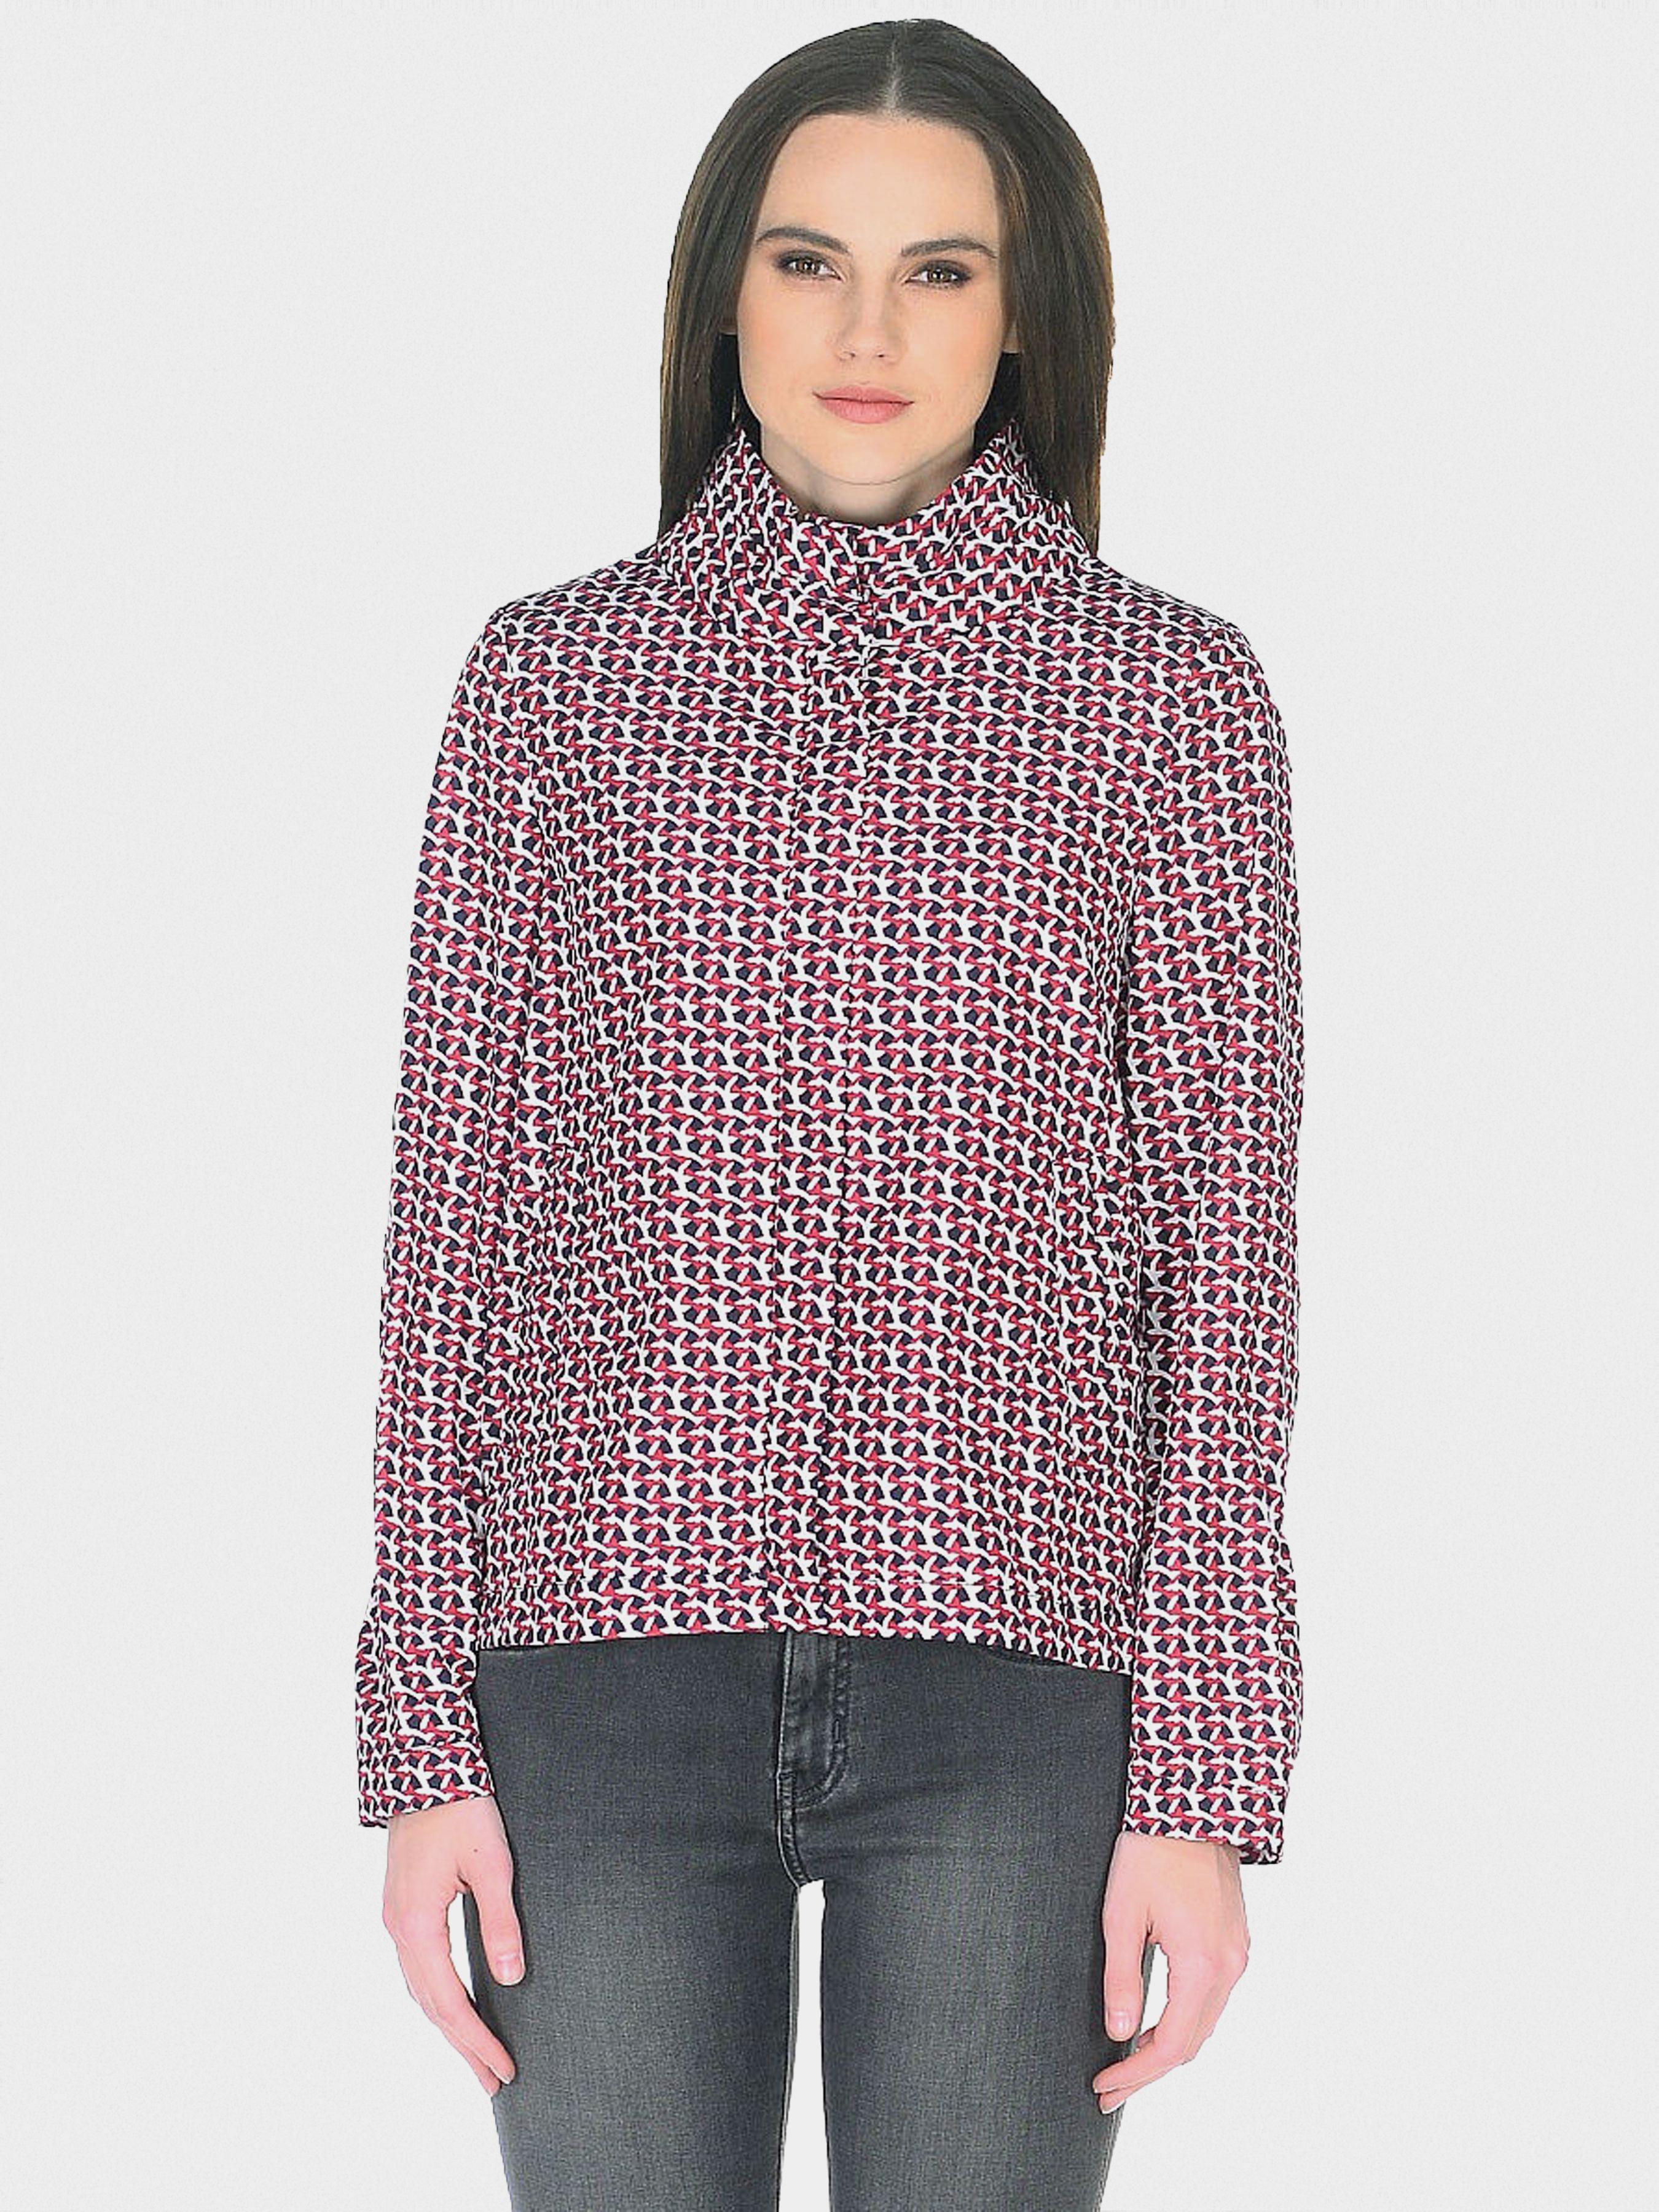 Купить Куртка женские модель XA5921, Geox, Многоцветный